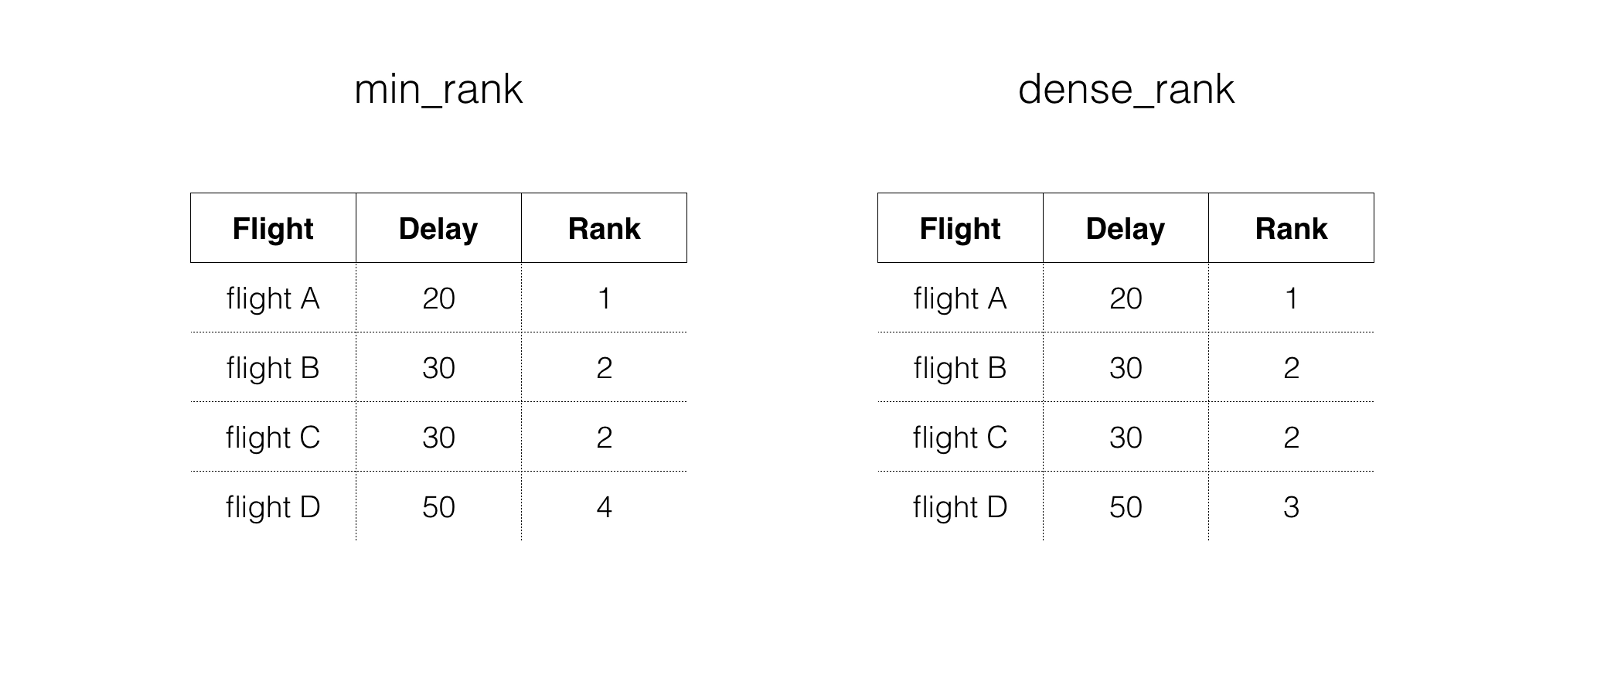 dense_rank_min.png